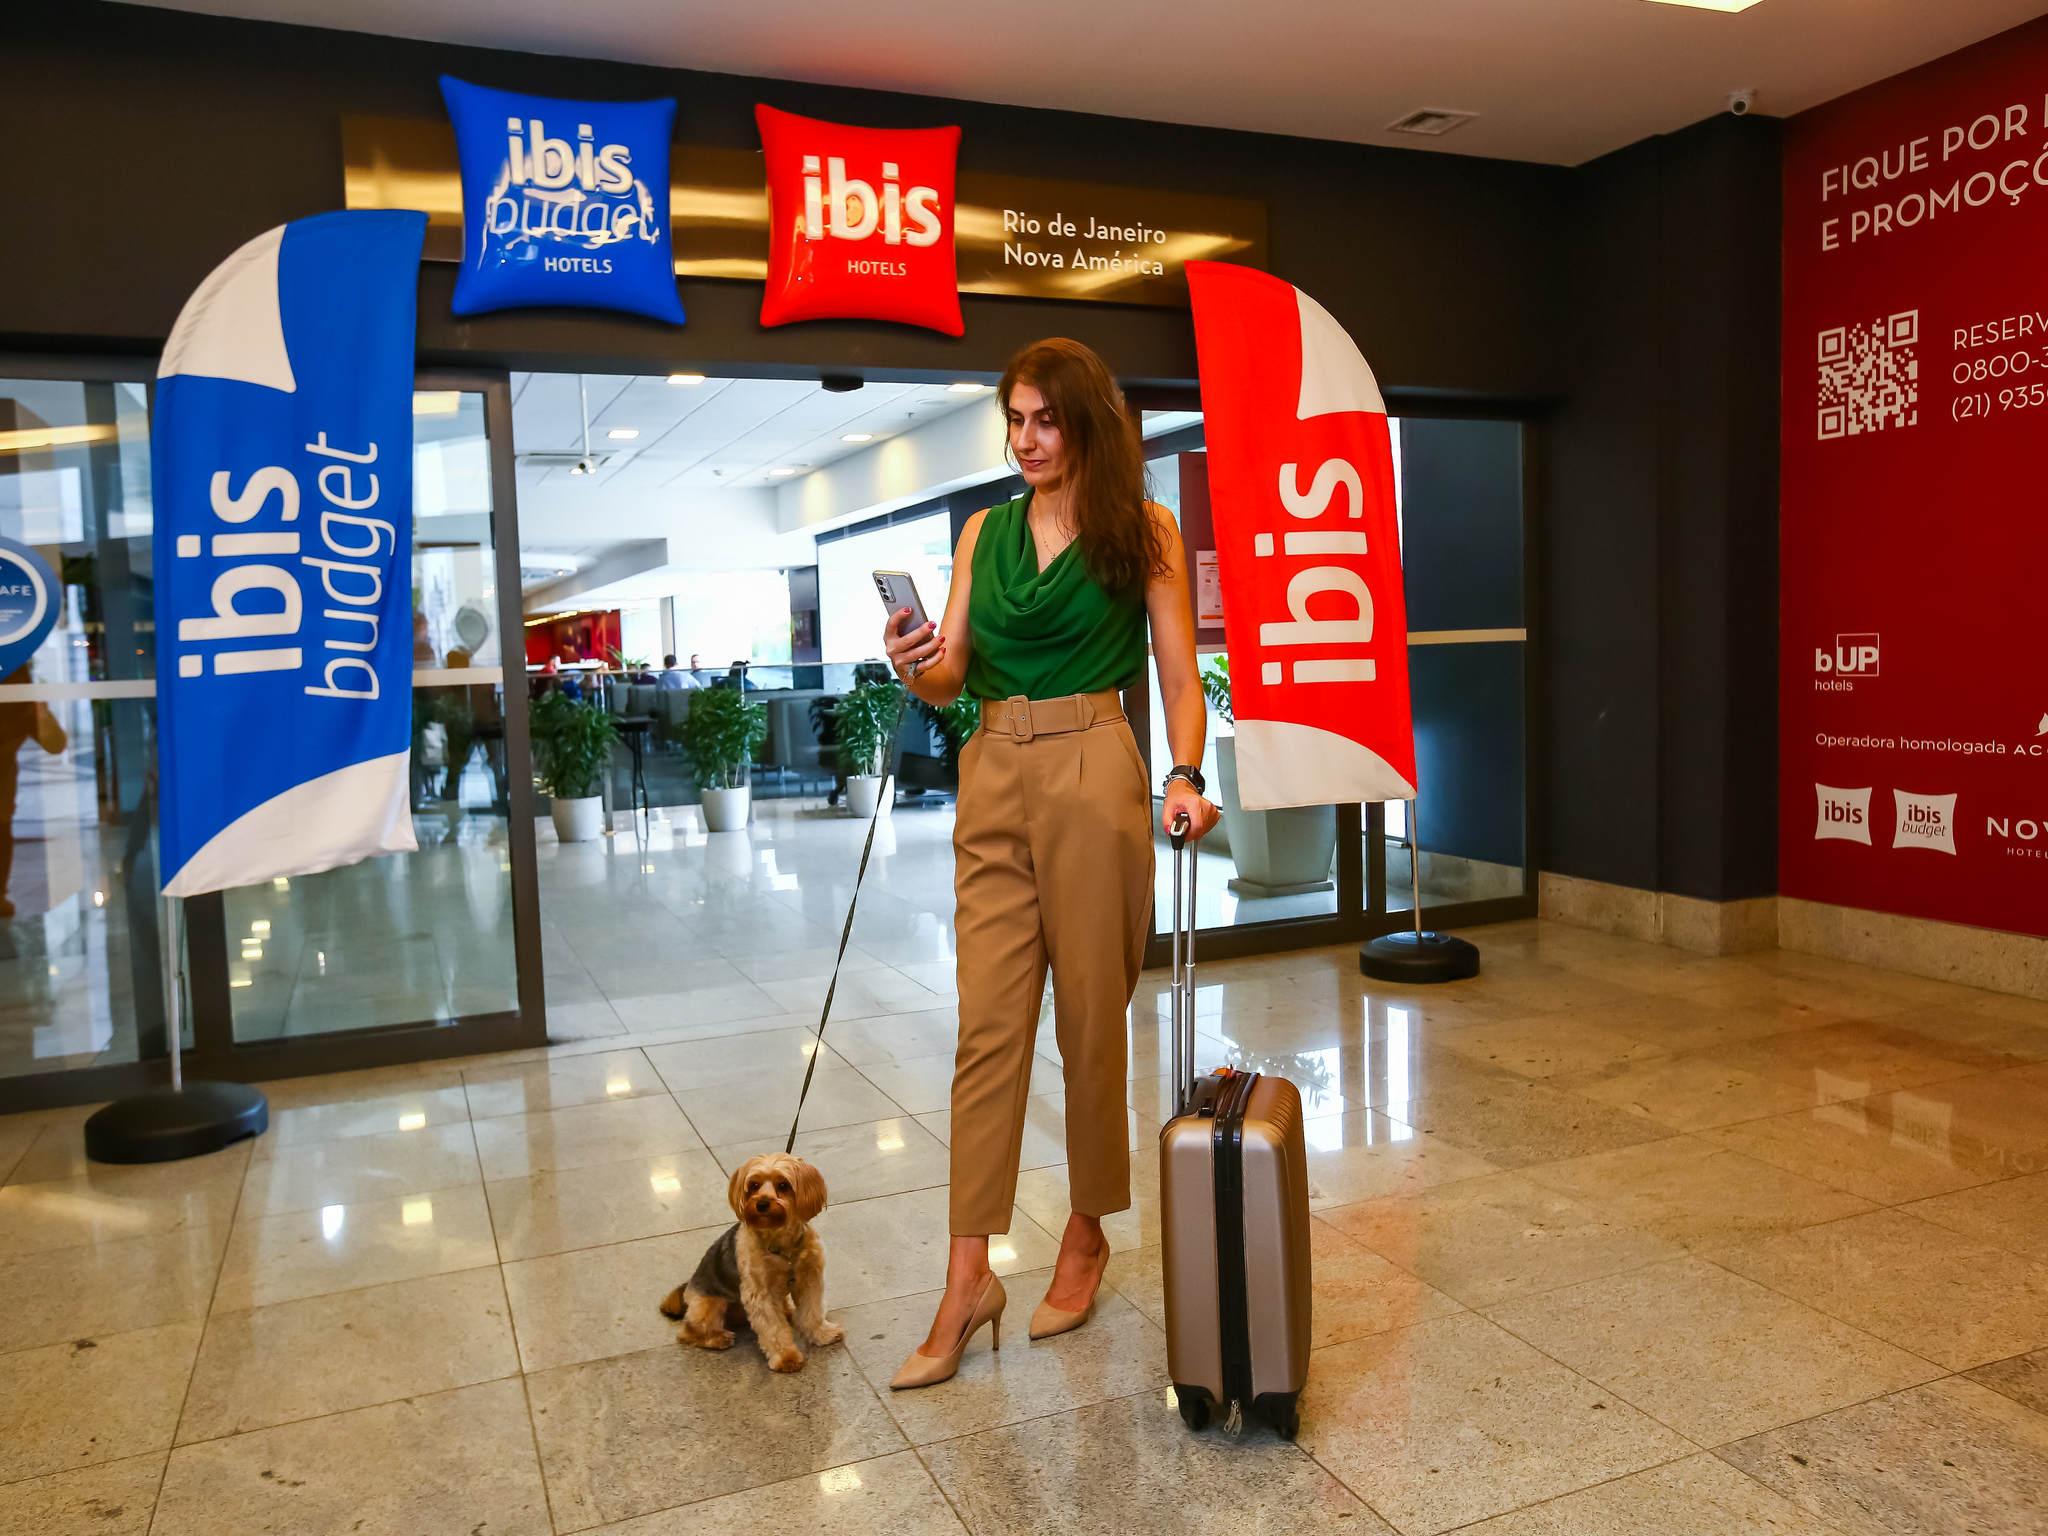 โรงแรม – ibis budget Rio de Janeiro Nova America